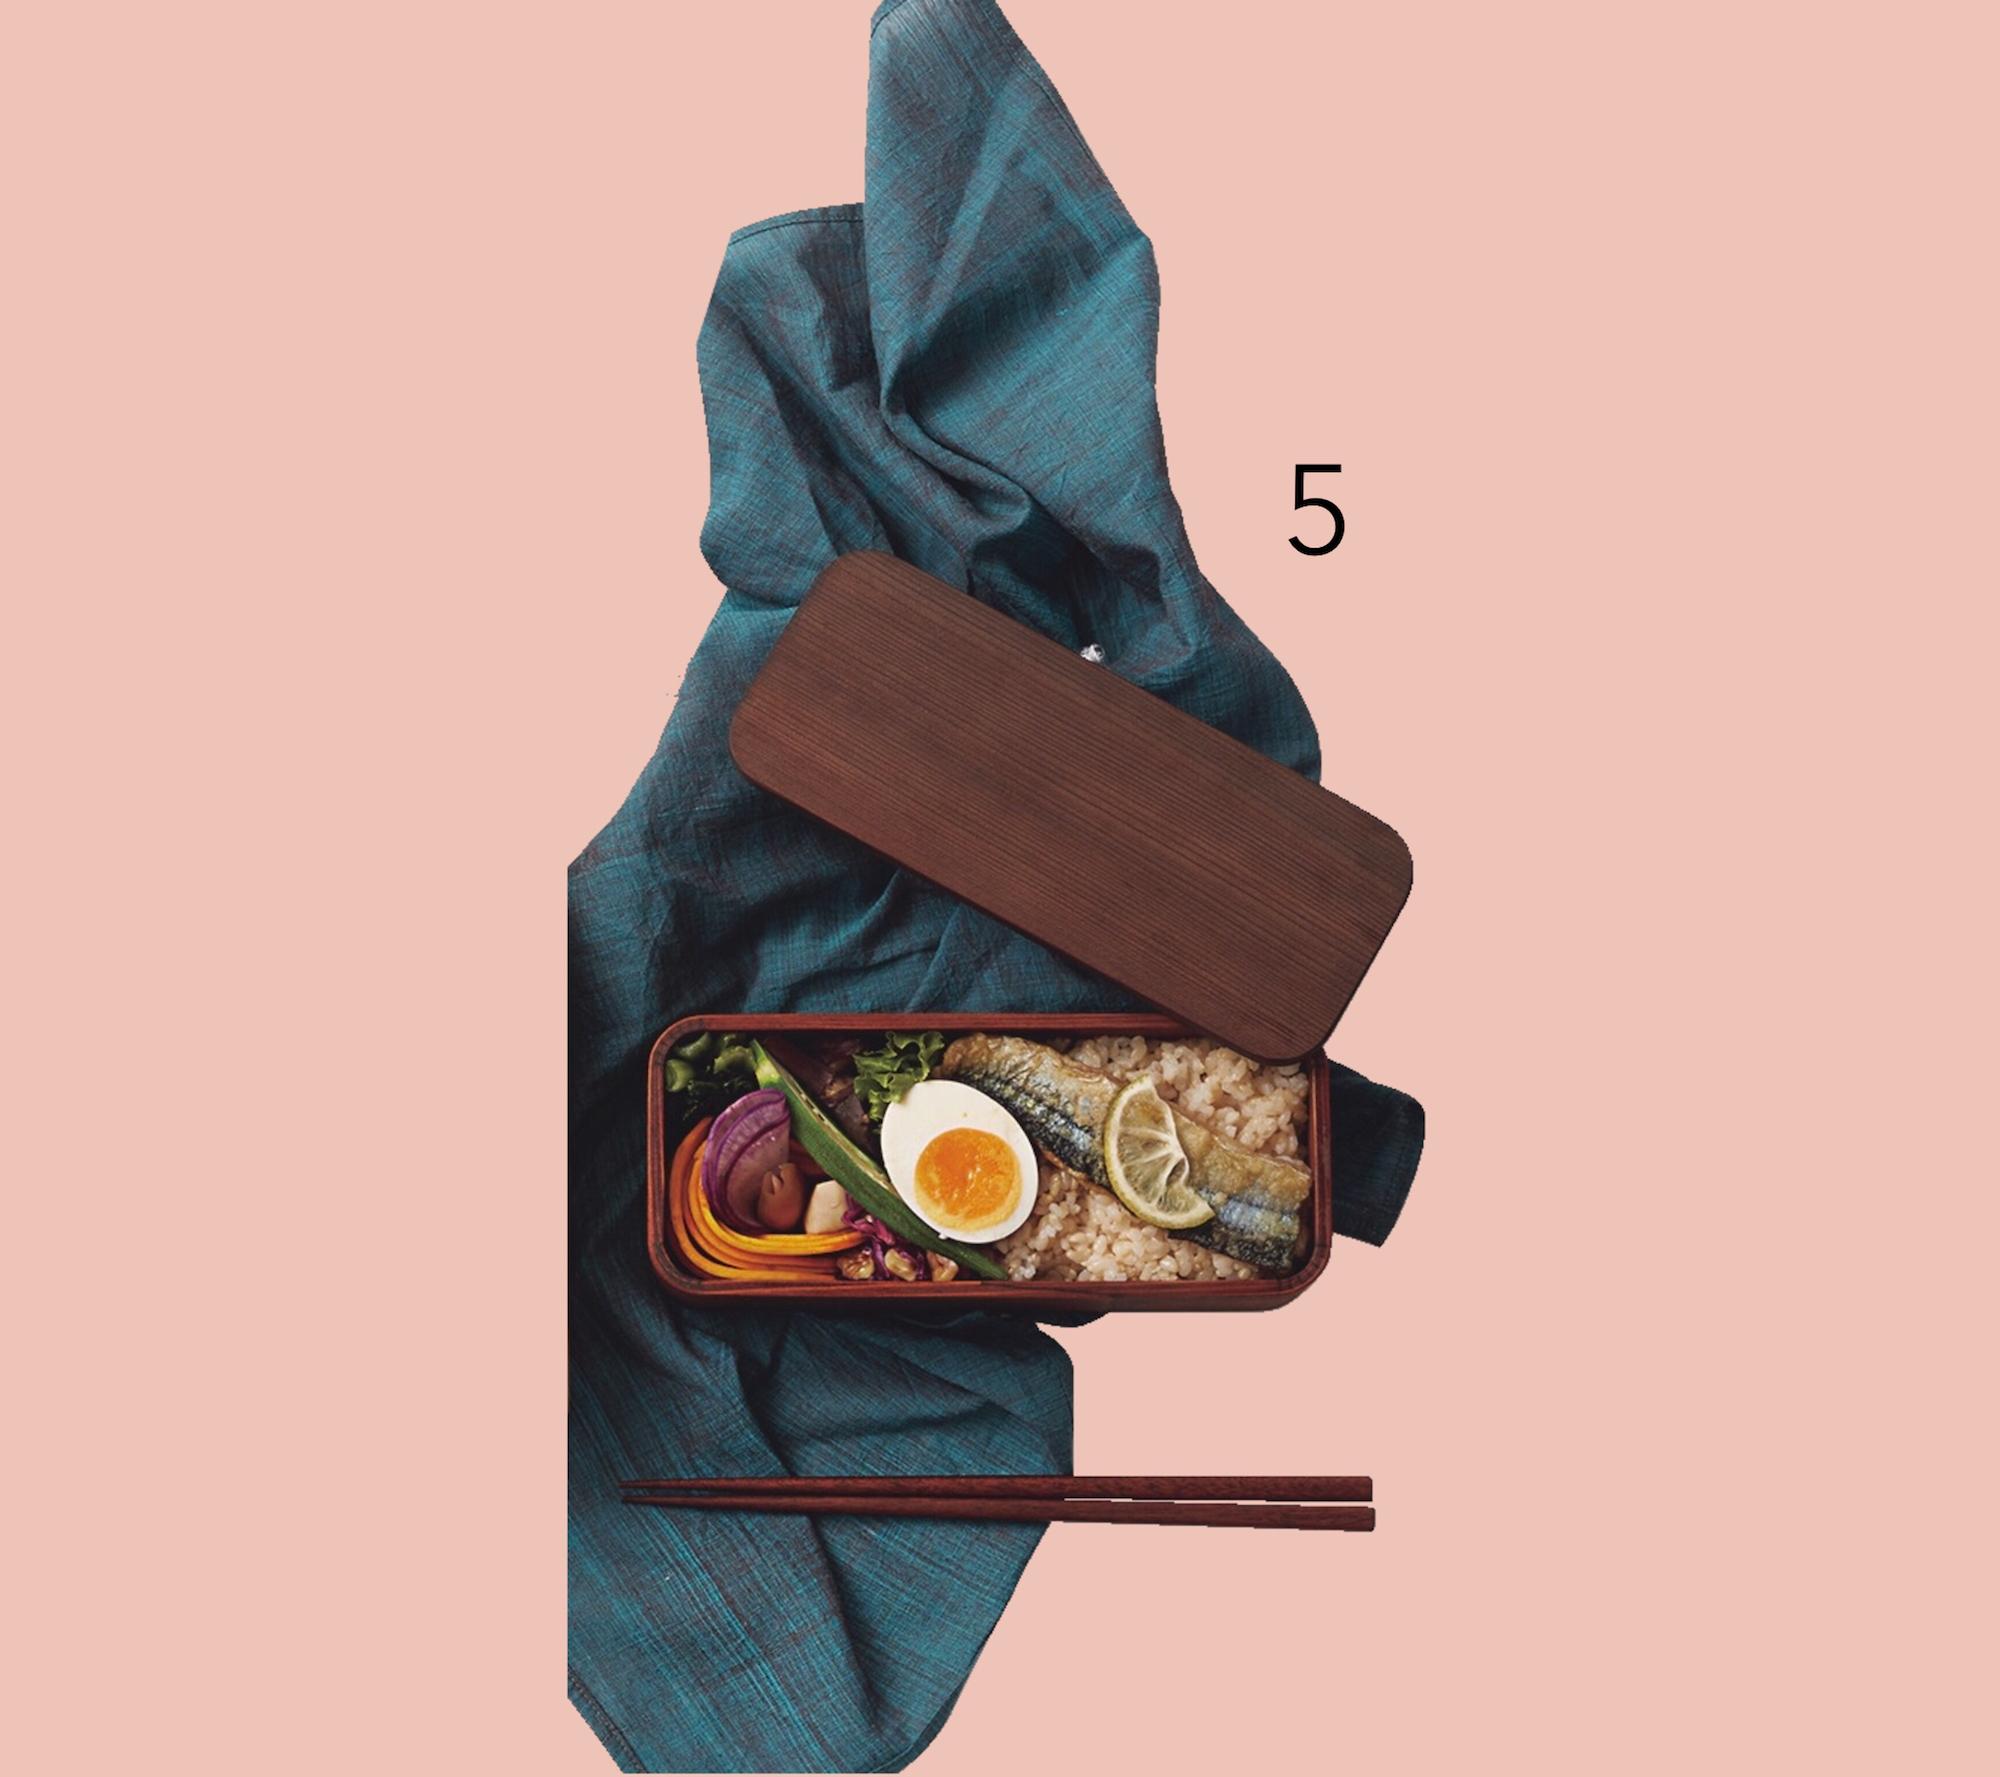 ❺お弁当とお 箸とハンカチ。「丈夫でお手入れの楽な杉素材のお弁当箱とお箸を愛用」